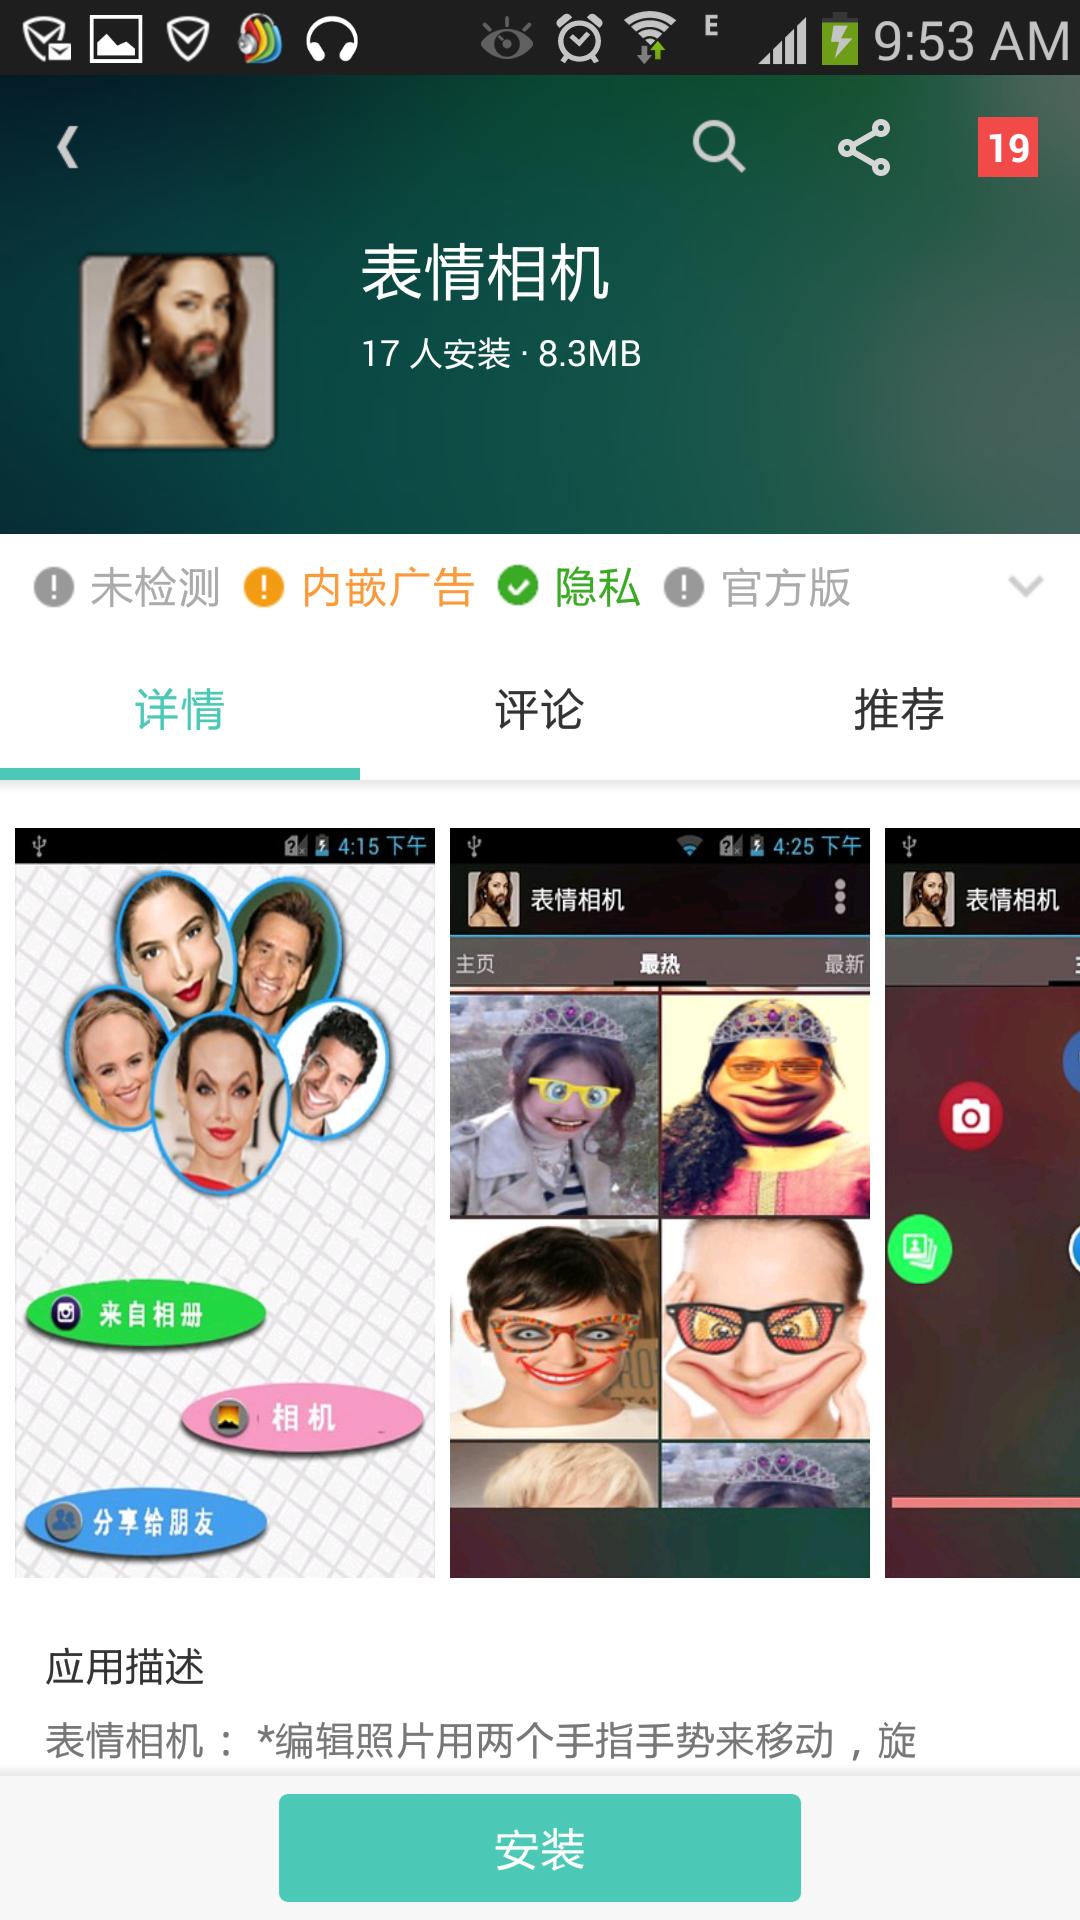 邓超新浪微博搞笑图片用的什么软件图片